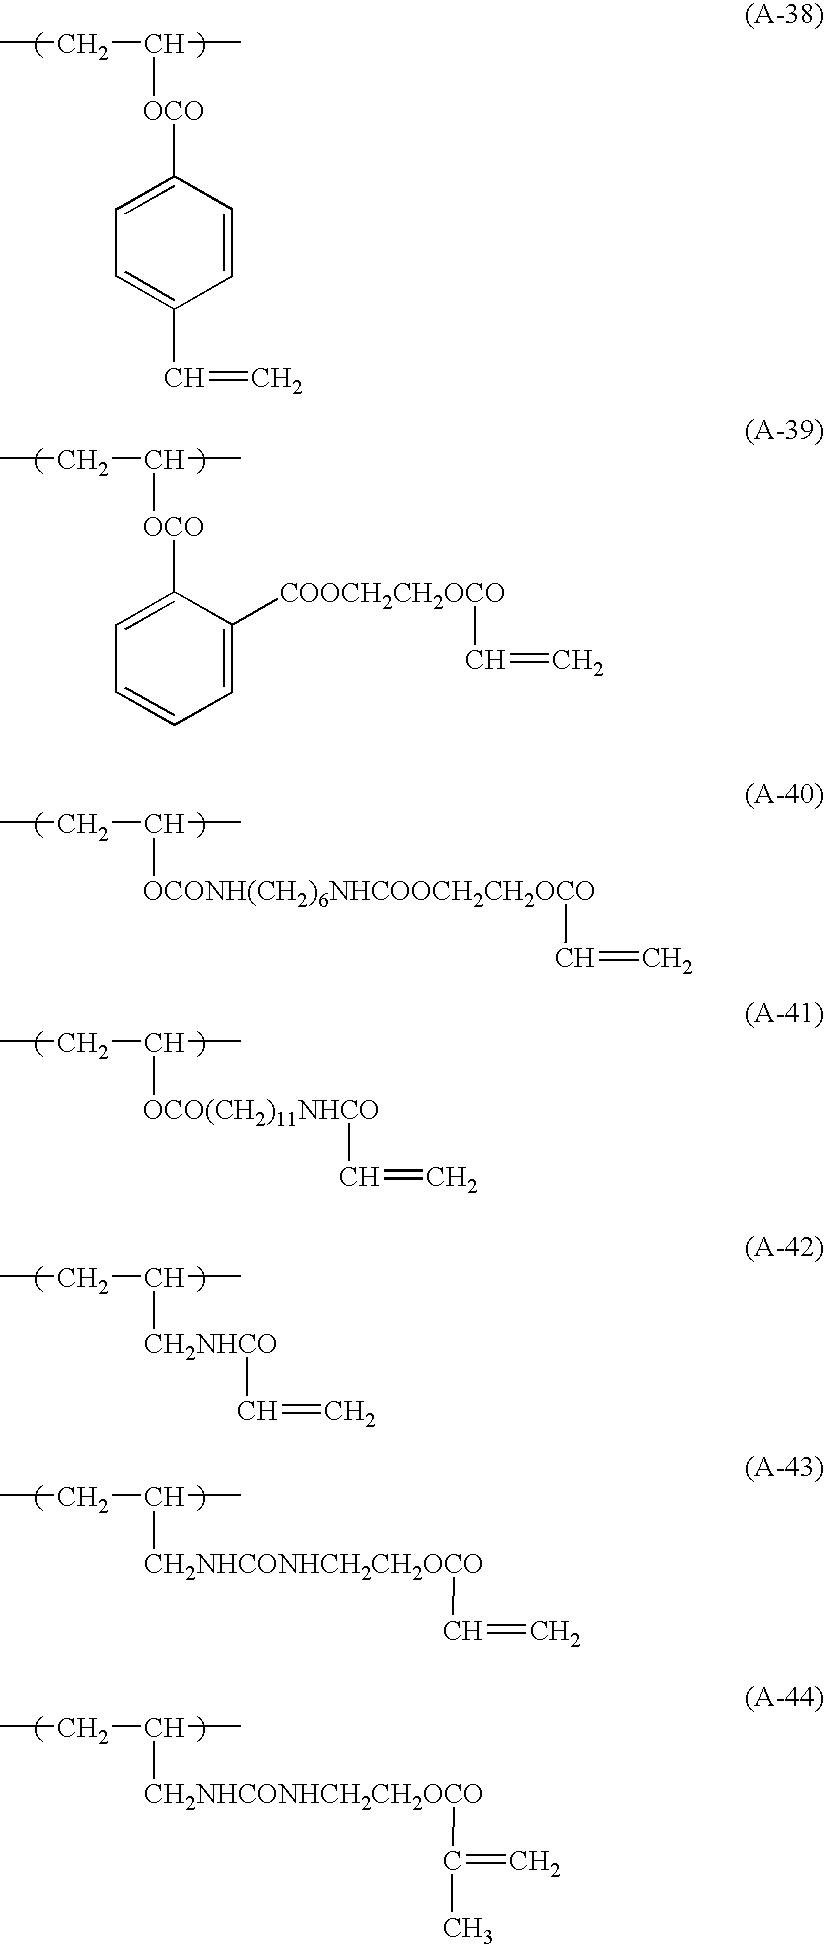 Figure US20040017364A1-20040129-C00008